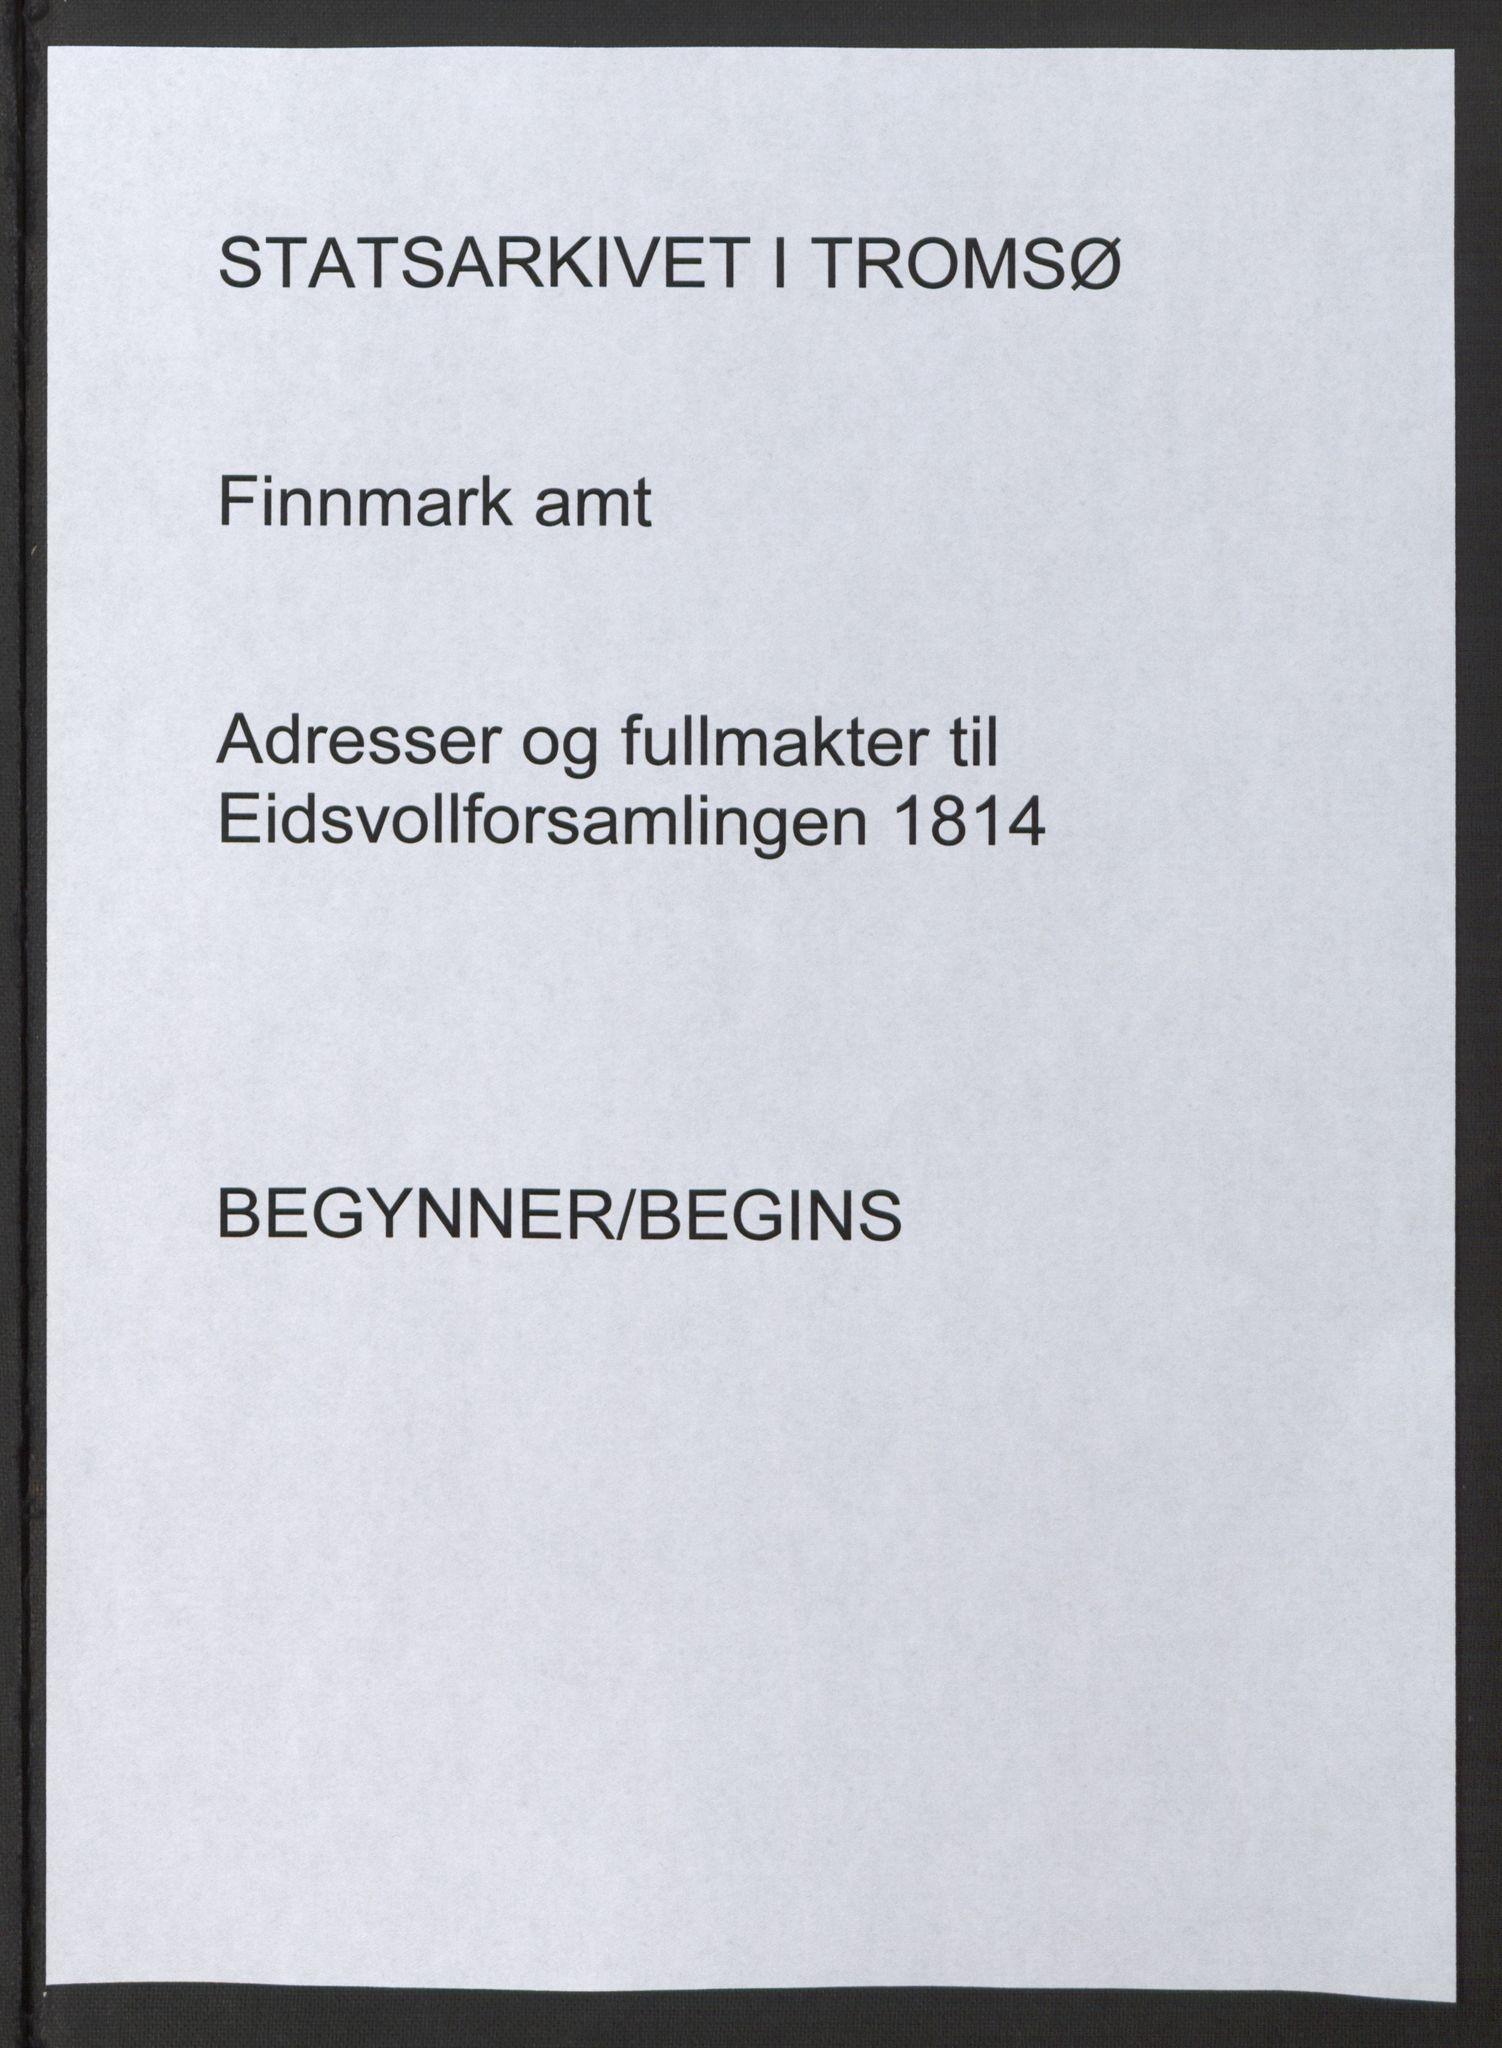 SATØ, Fylkesmannen i Finnmark, 1814, s. 1